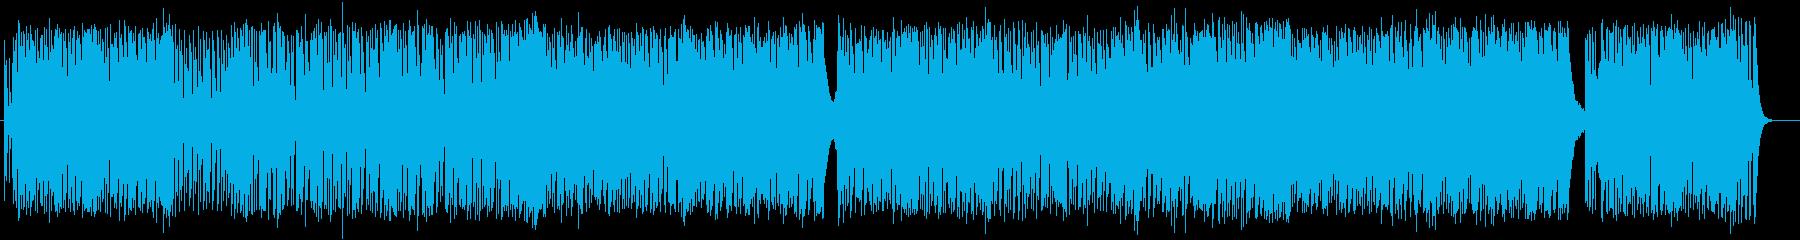 独特なテンポの緩やかシンセサウンドの再生済みの波形